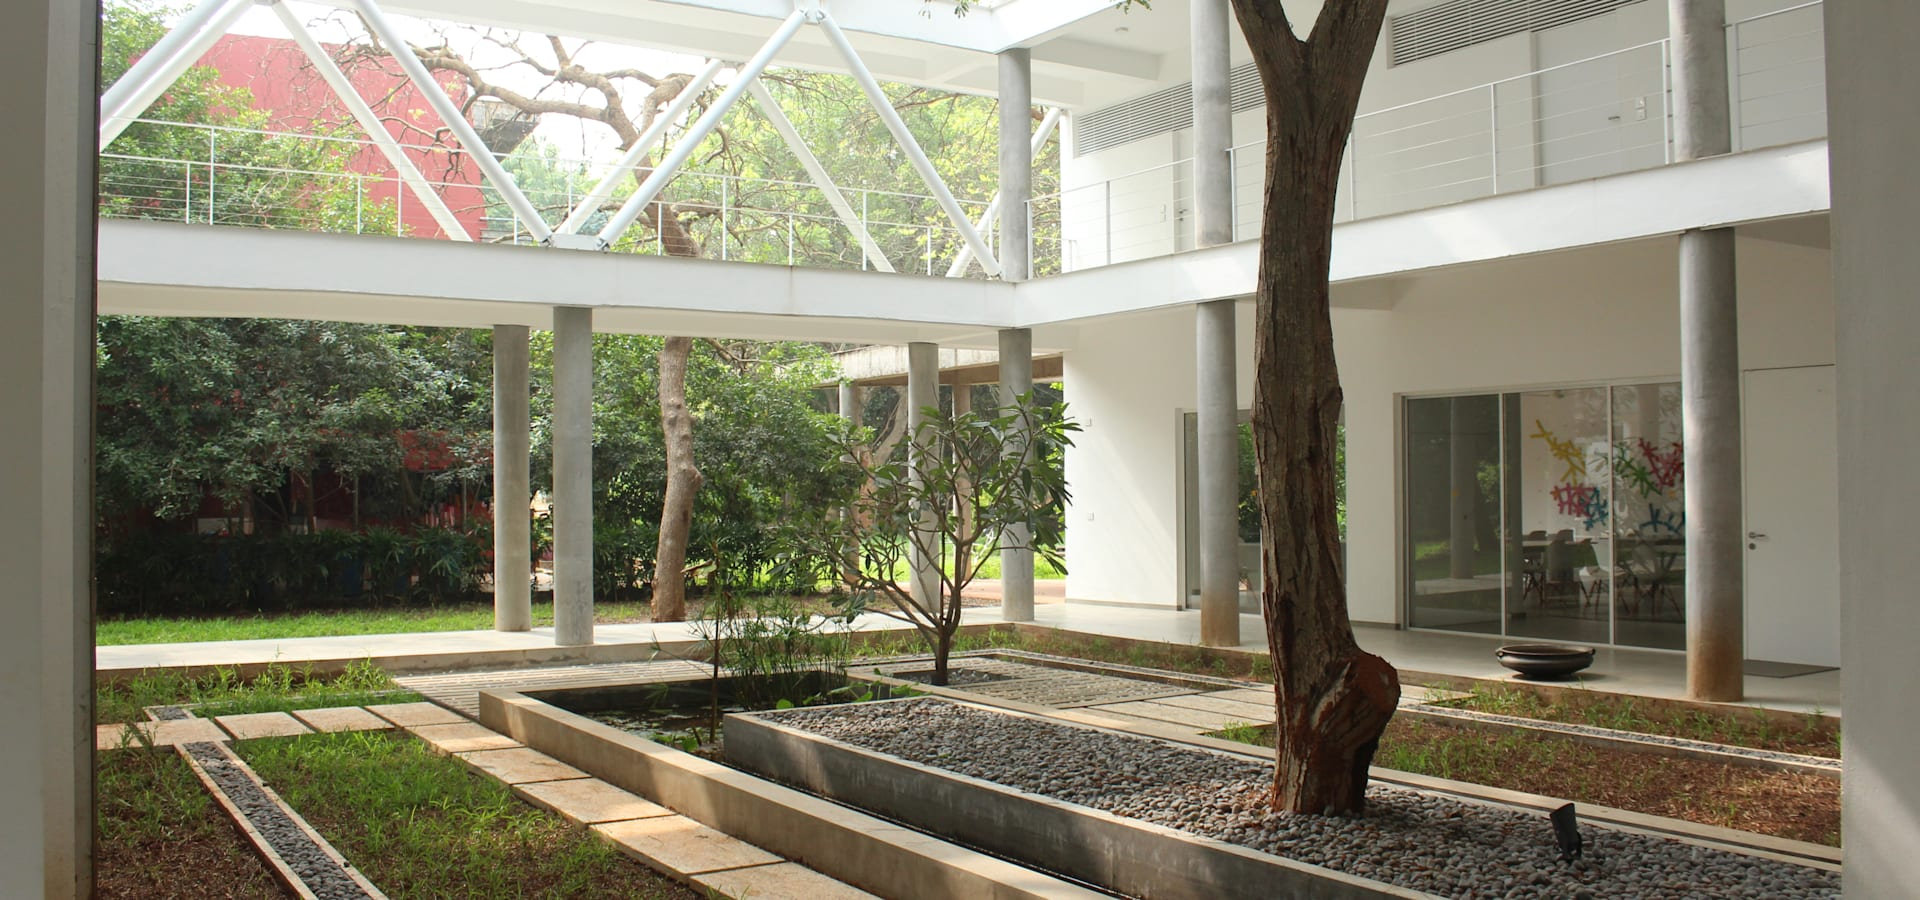 imago architecture+design